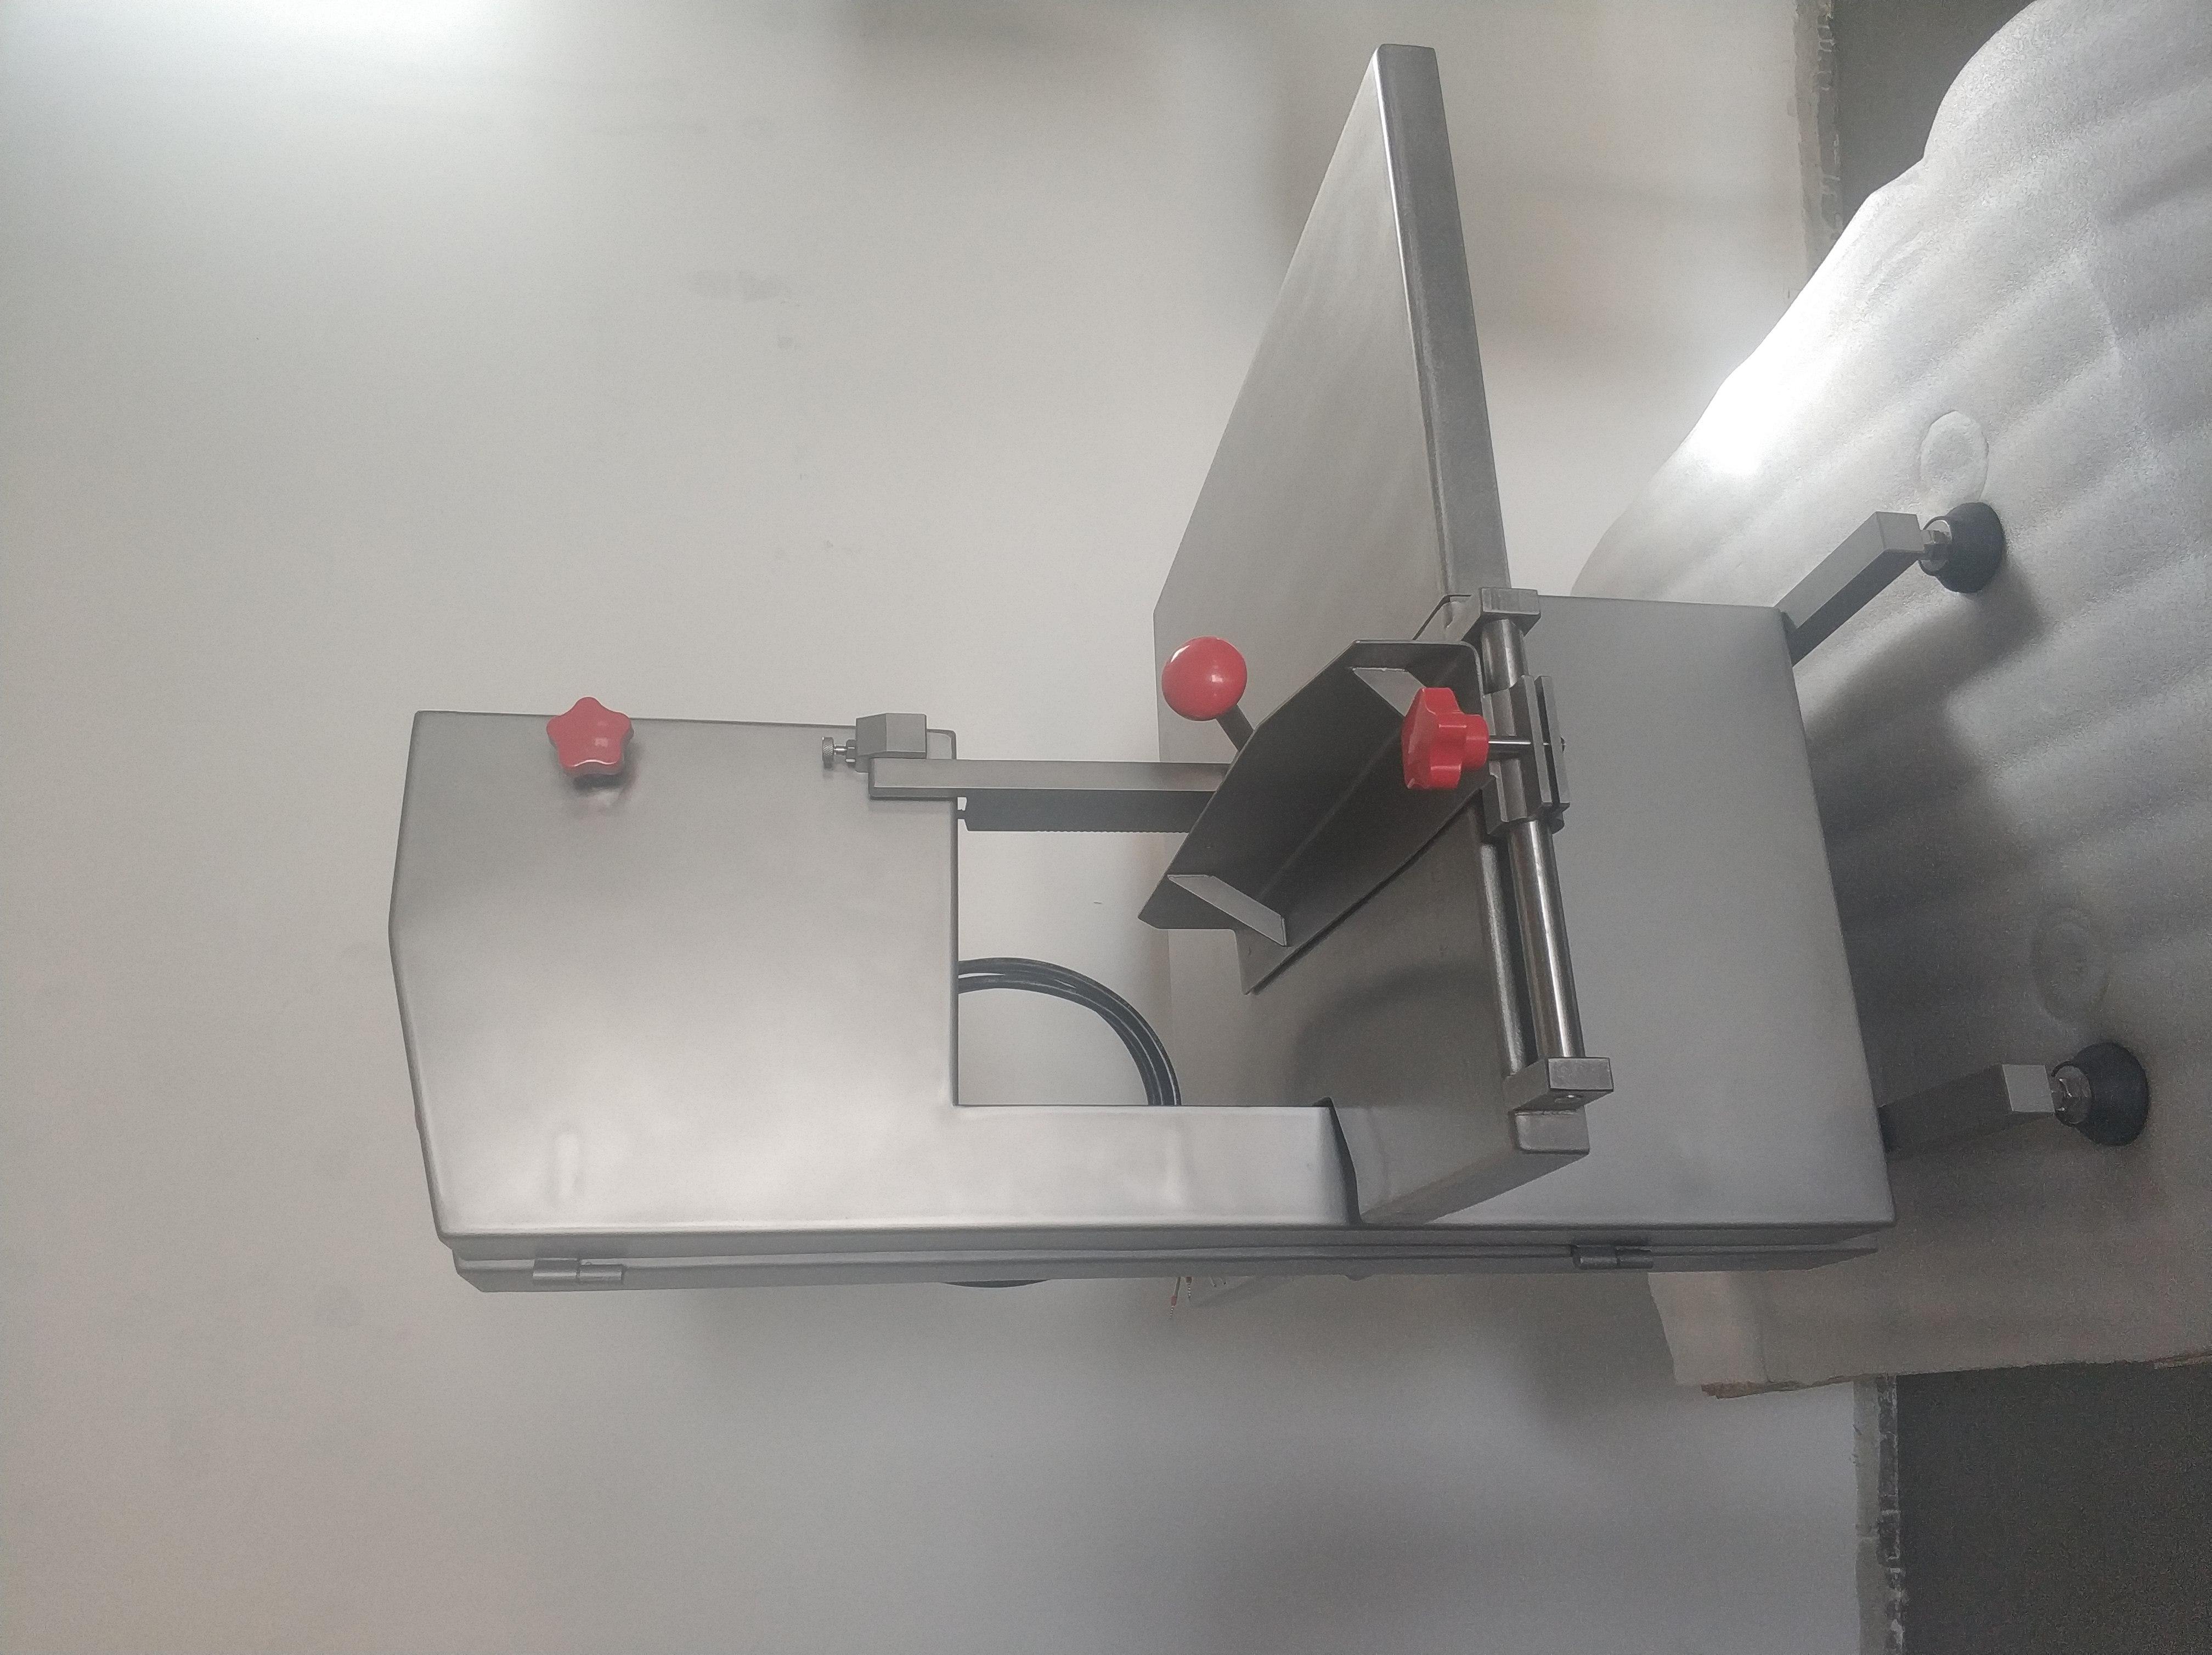 正規牛排切割機購買 哪里有冷凍食品加工設備定制